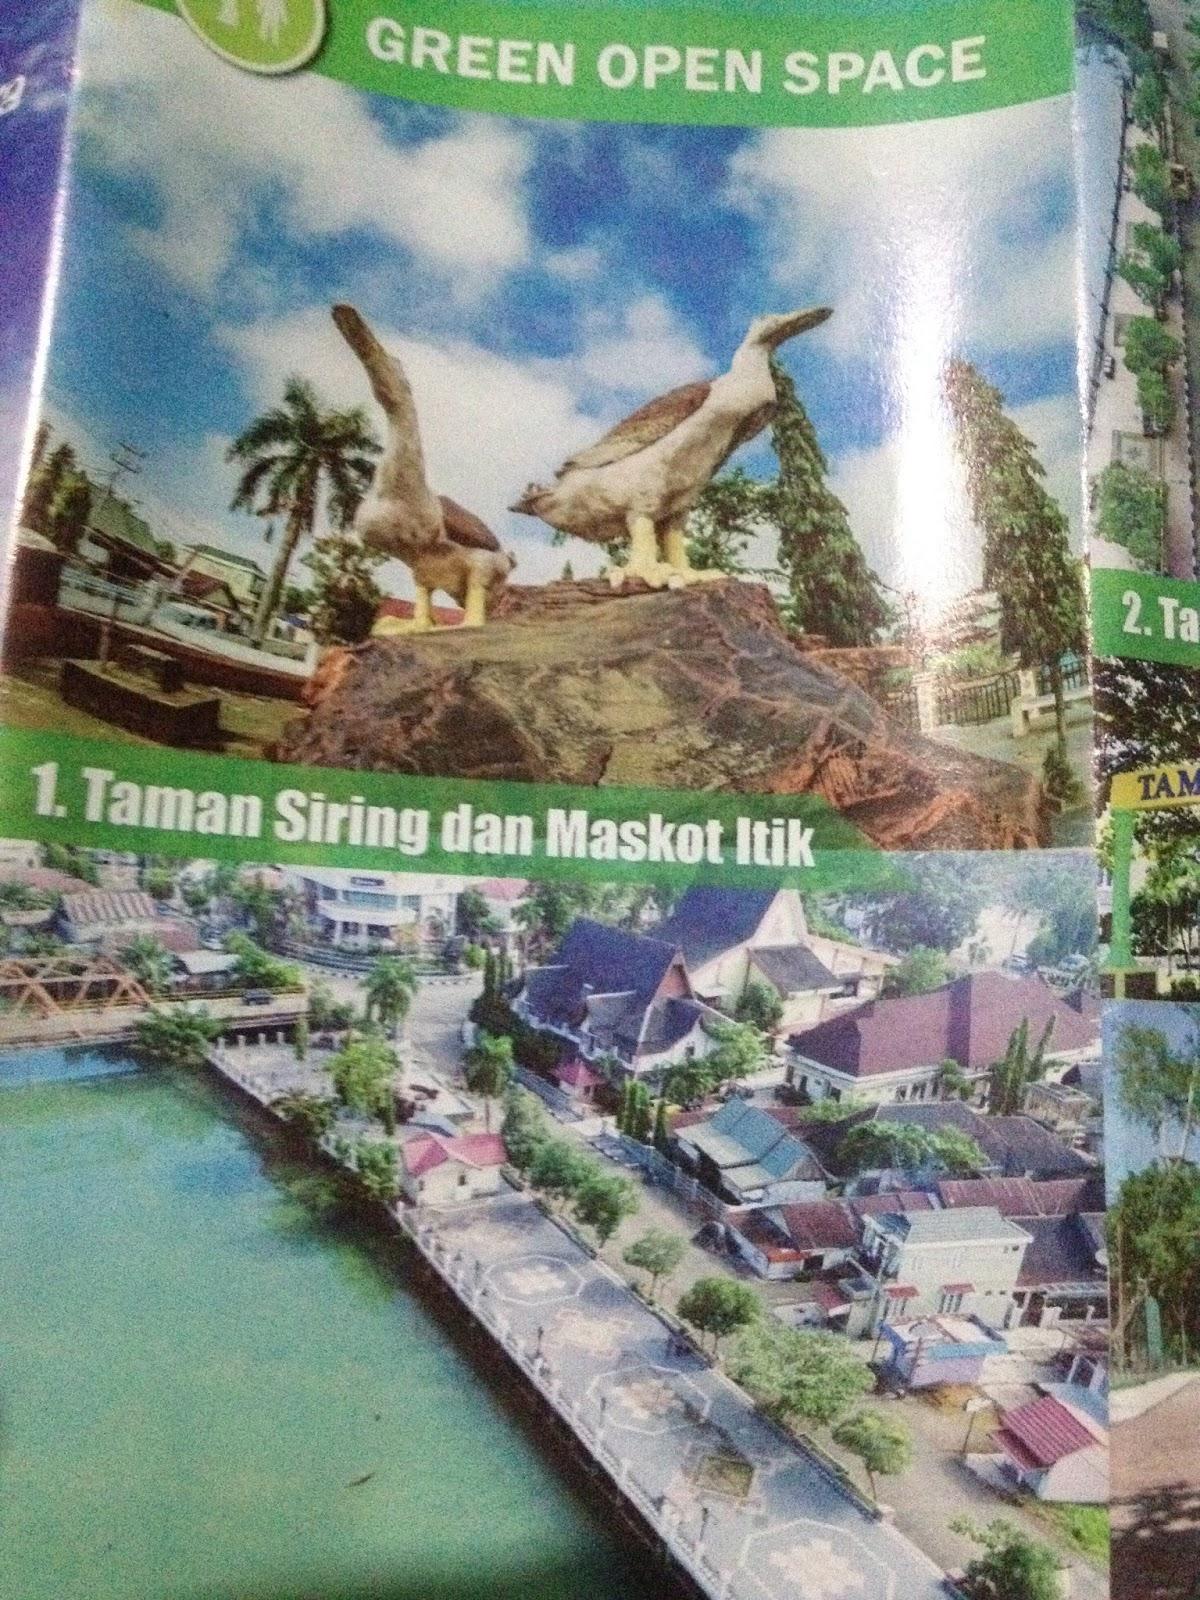 Info Wara Wiri Peta Komunitas Hijau Kabupaten Hulu Sungai Utara